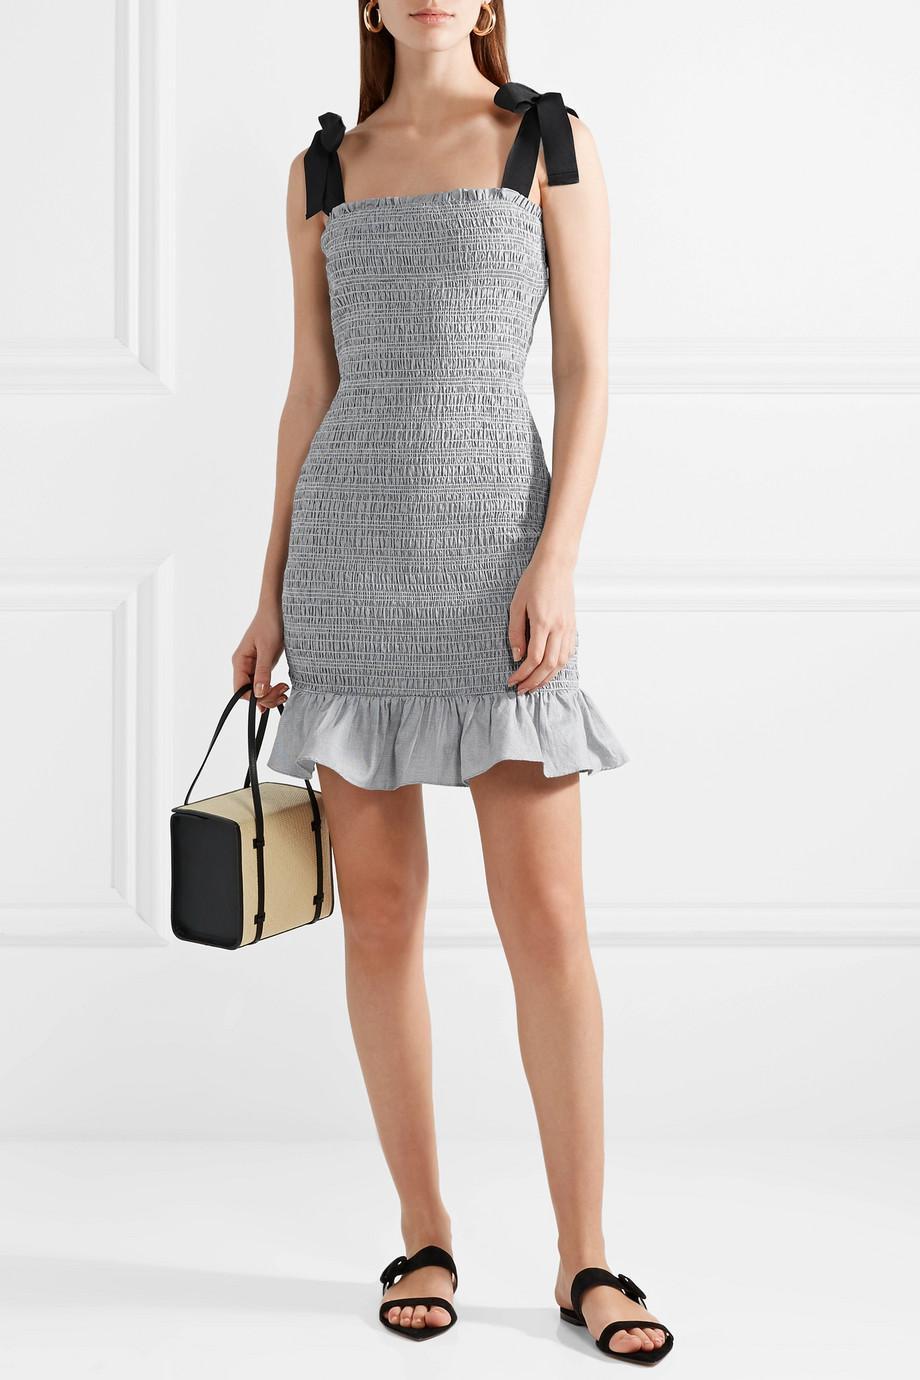 630666040414 rebecca-vallance-designer-gray-Luella-Grosgrain-trimmed-Shirred-Cotton-Mini-Dress.jpeg